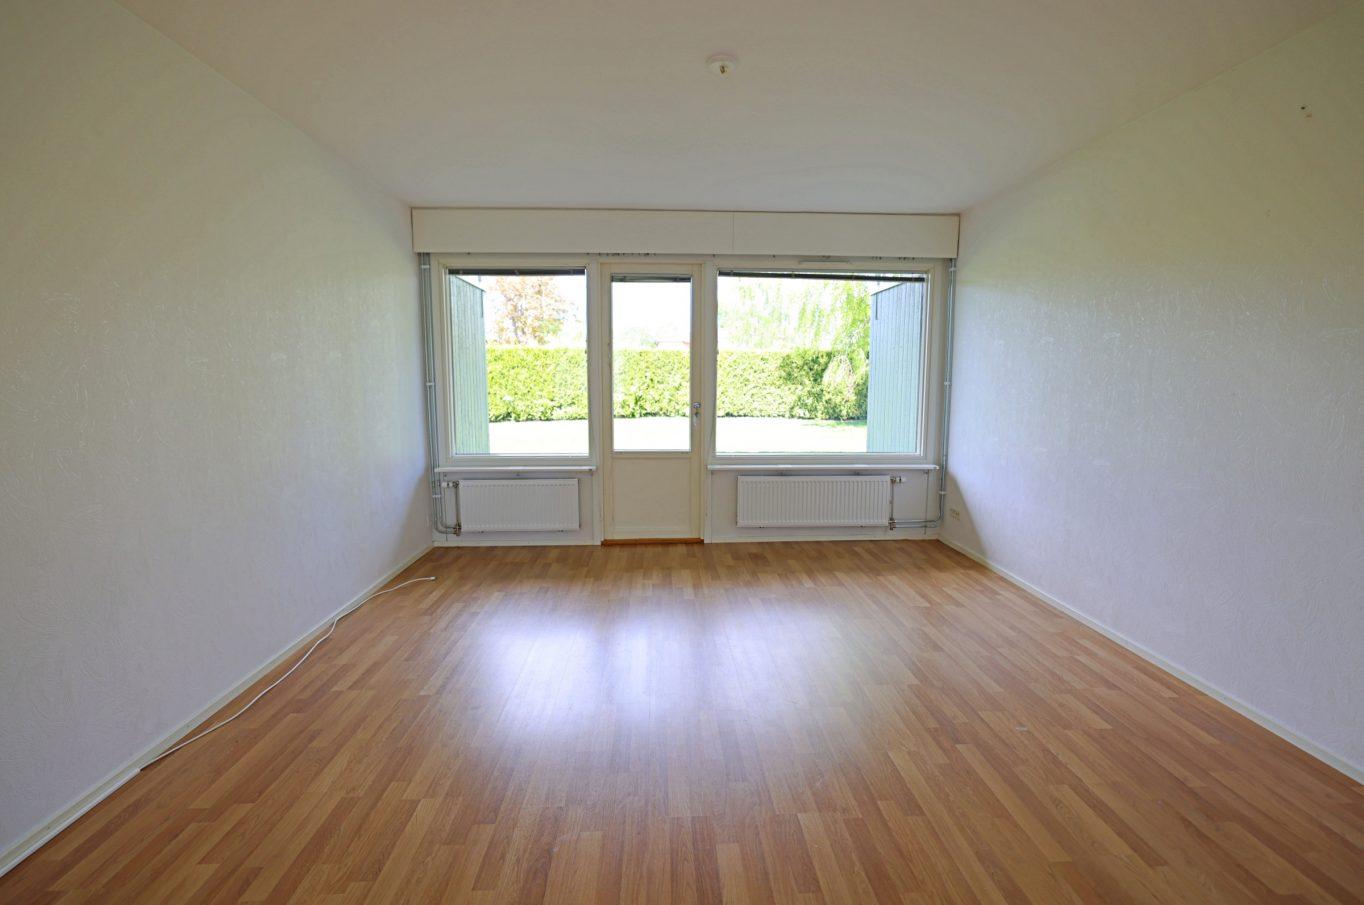 Lägenhet om 2 rum och kök vid Askuddsvägen i Mariehamn